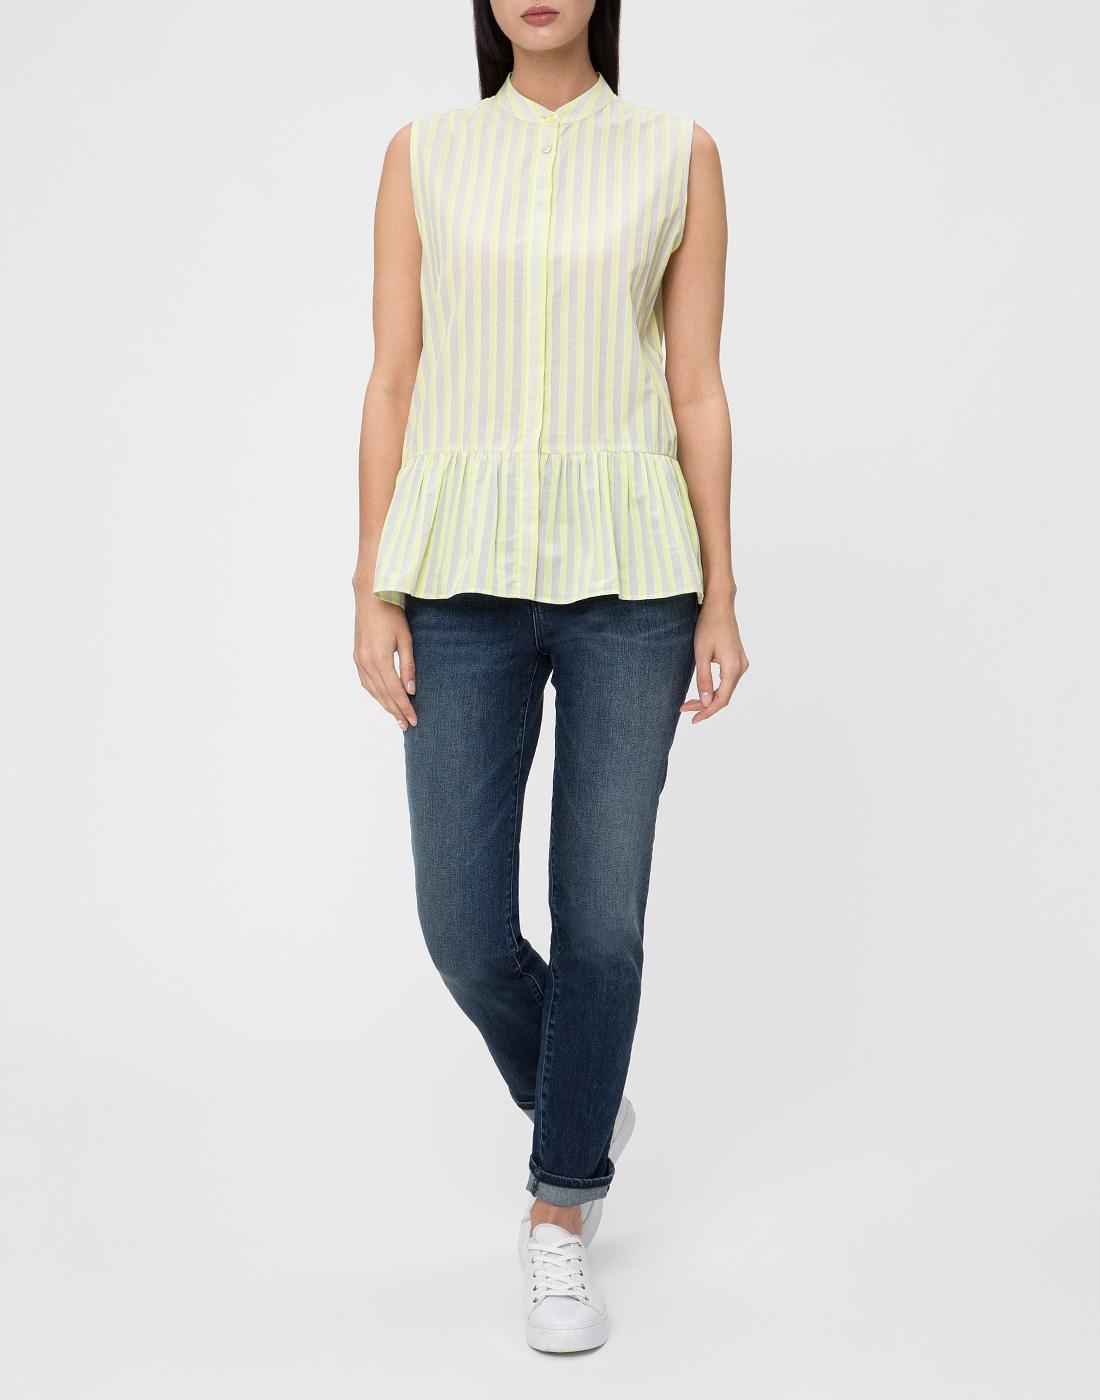 Женская блуза в полоску Paul Smith S095M/864-5